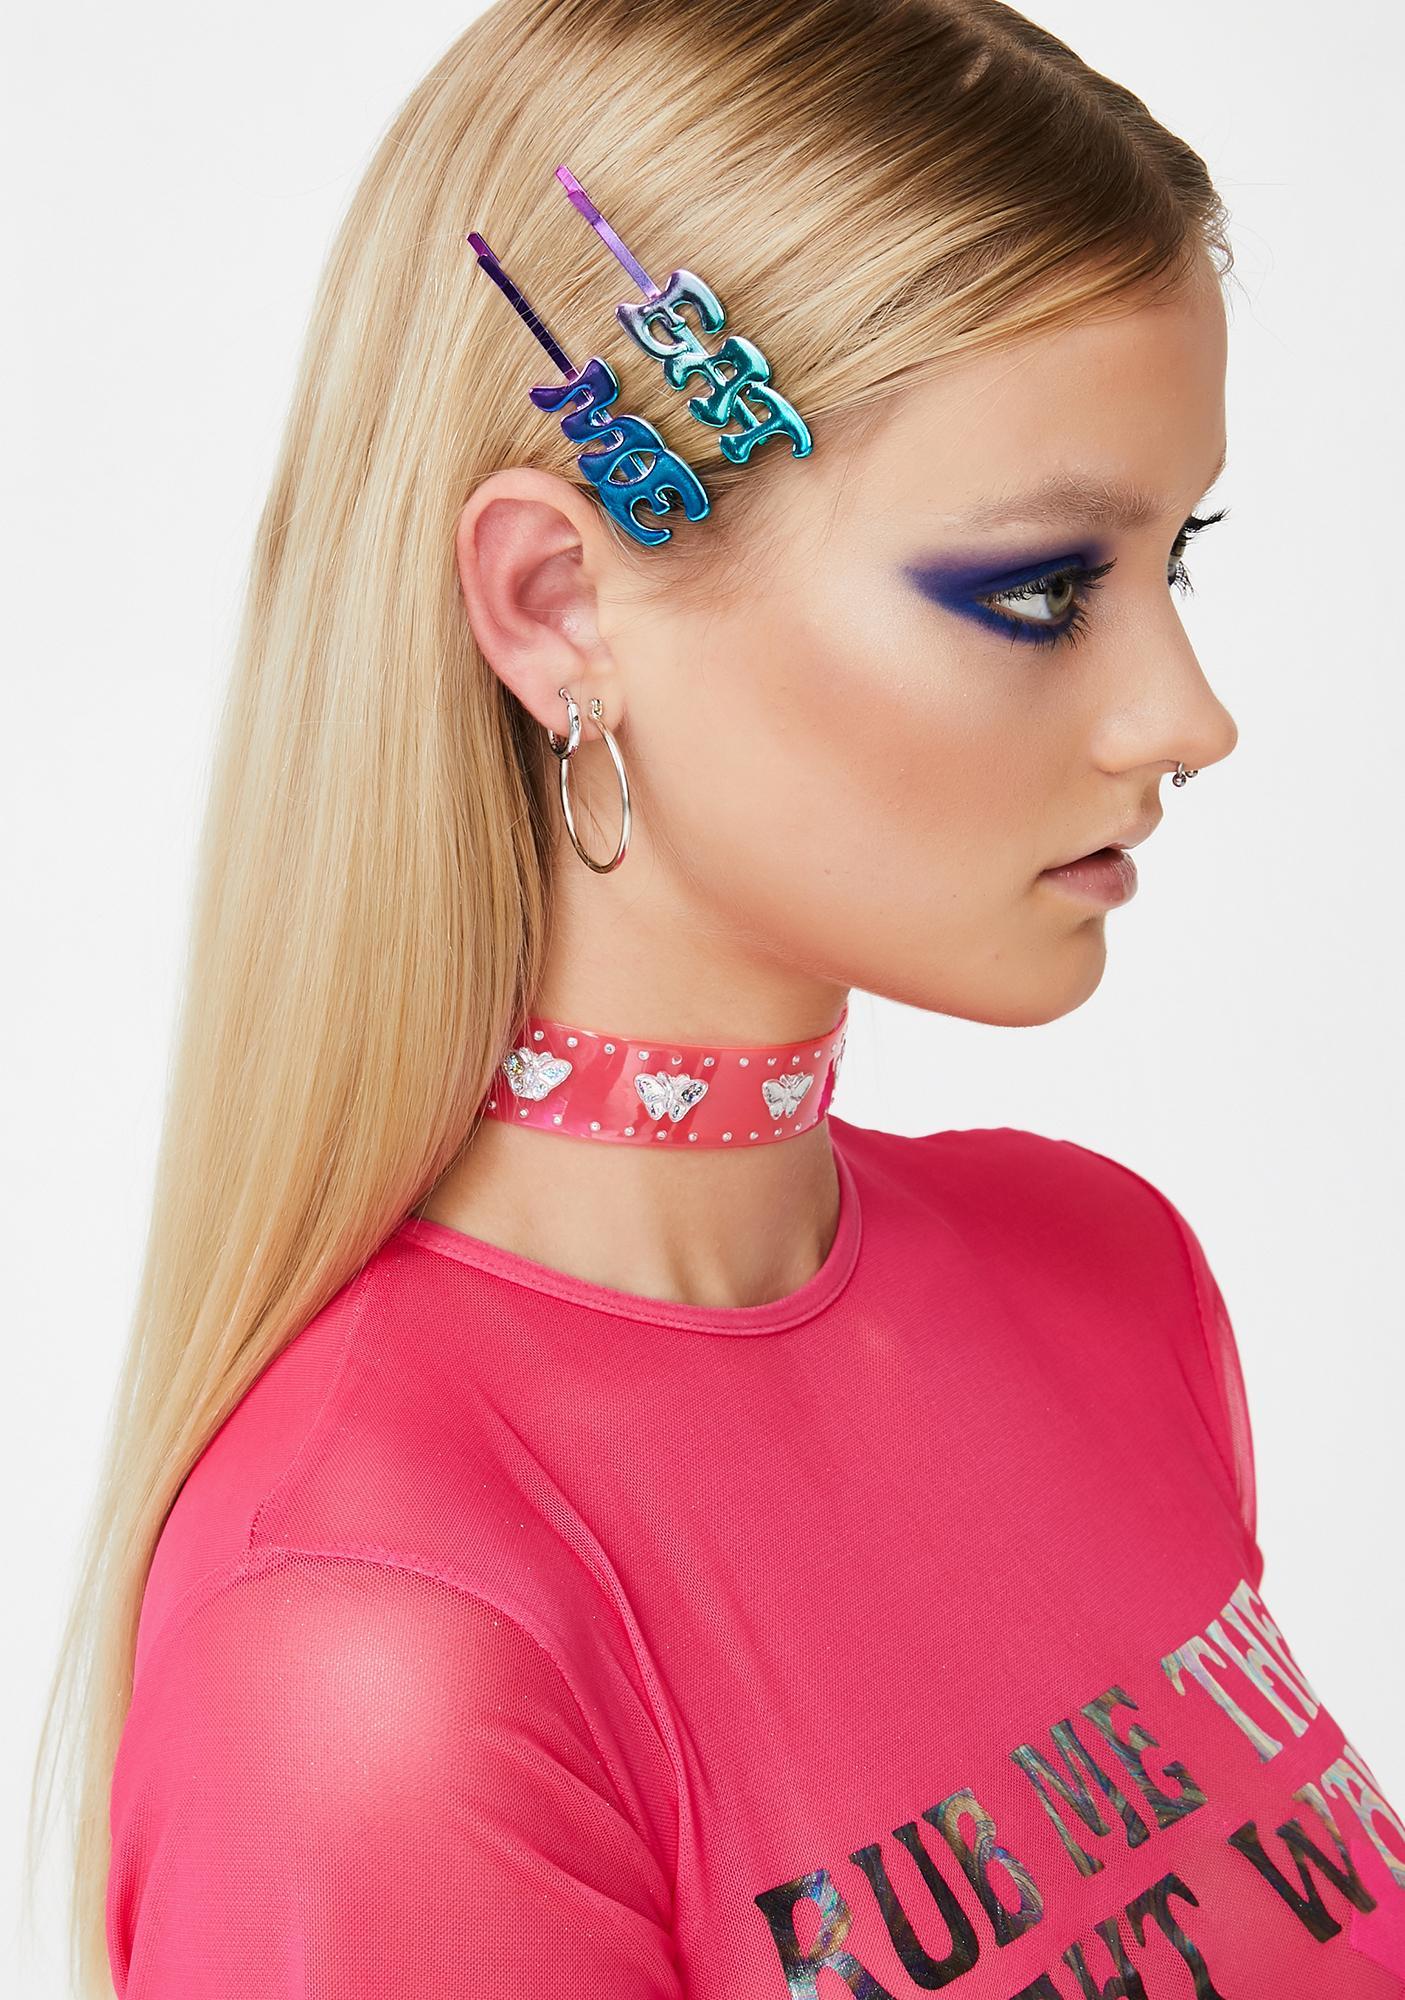 Eat Me Drink Me Hair Pin Set